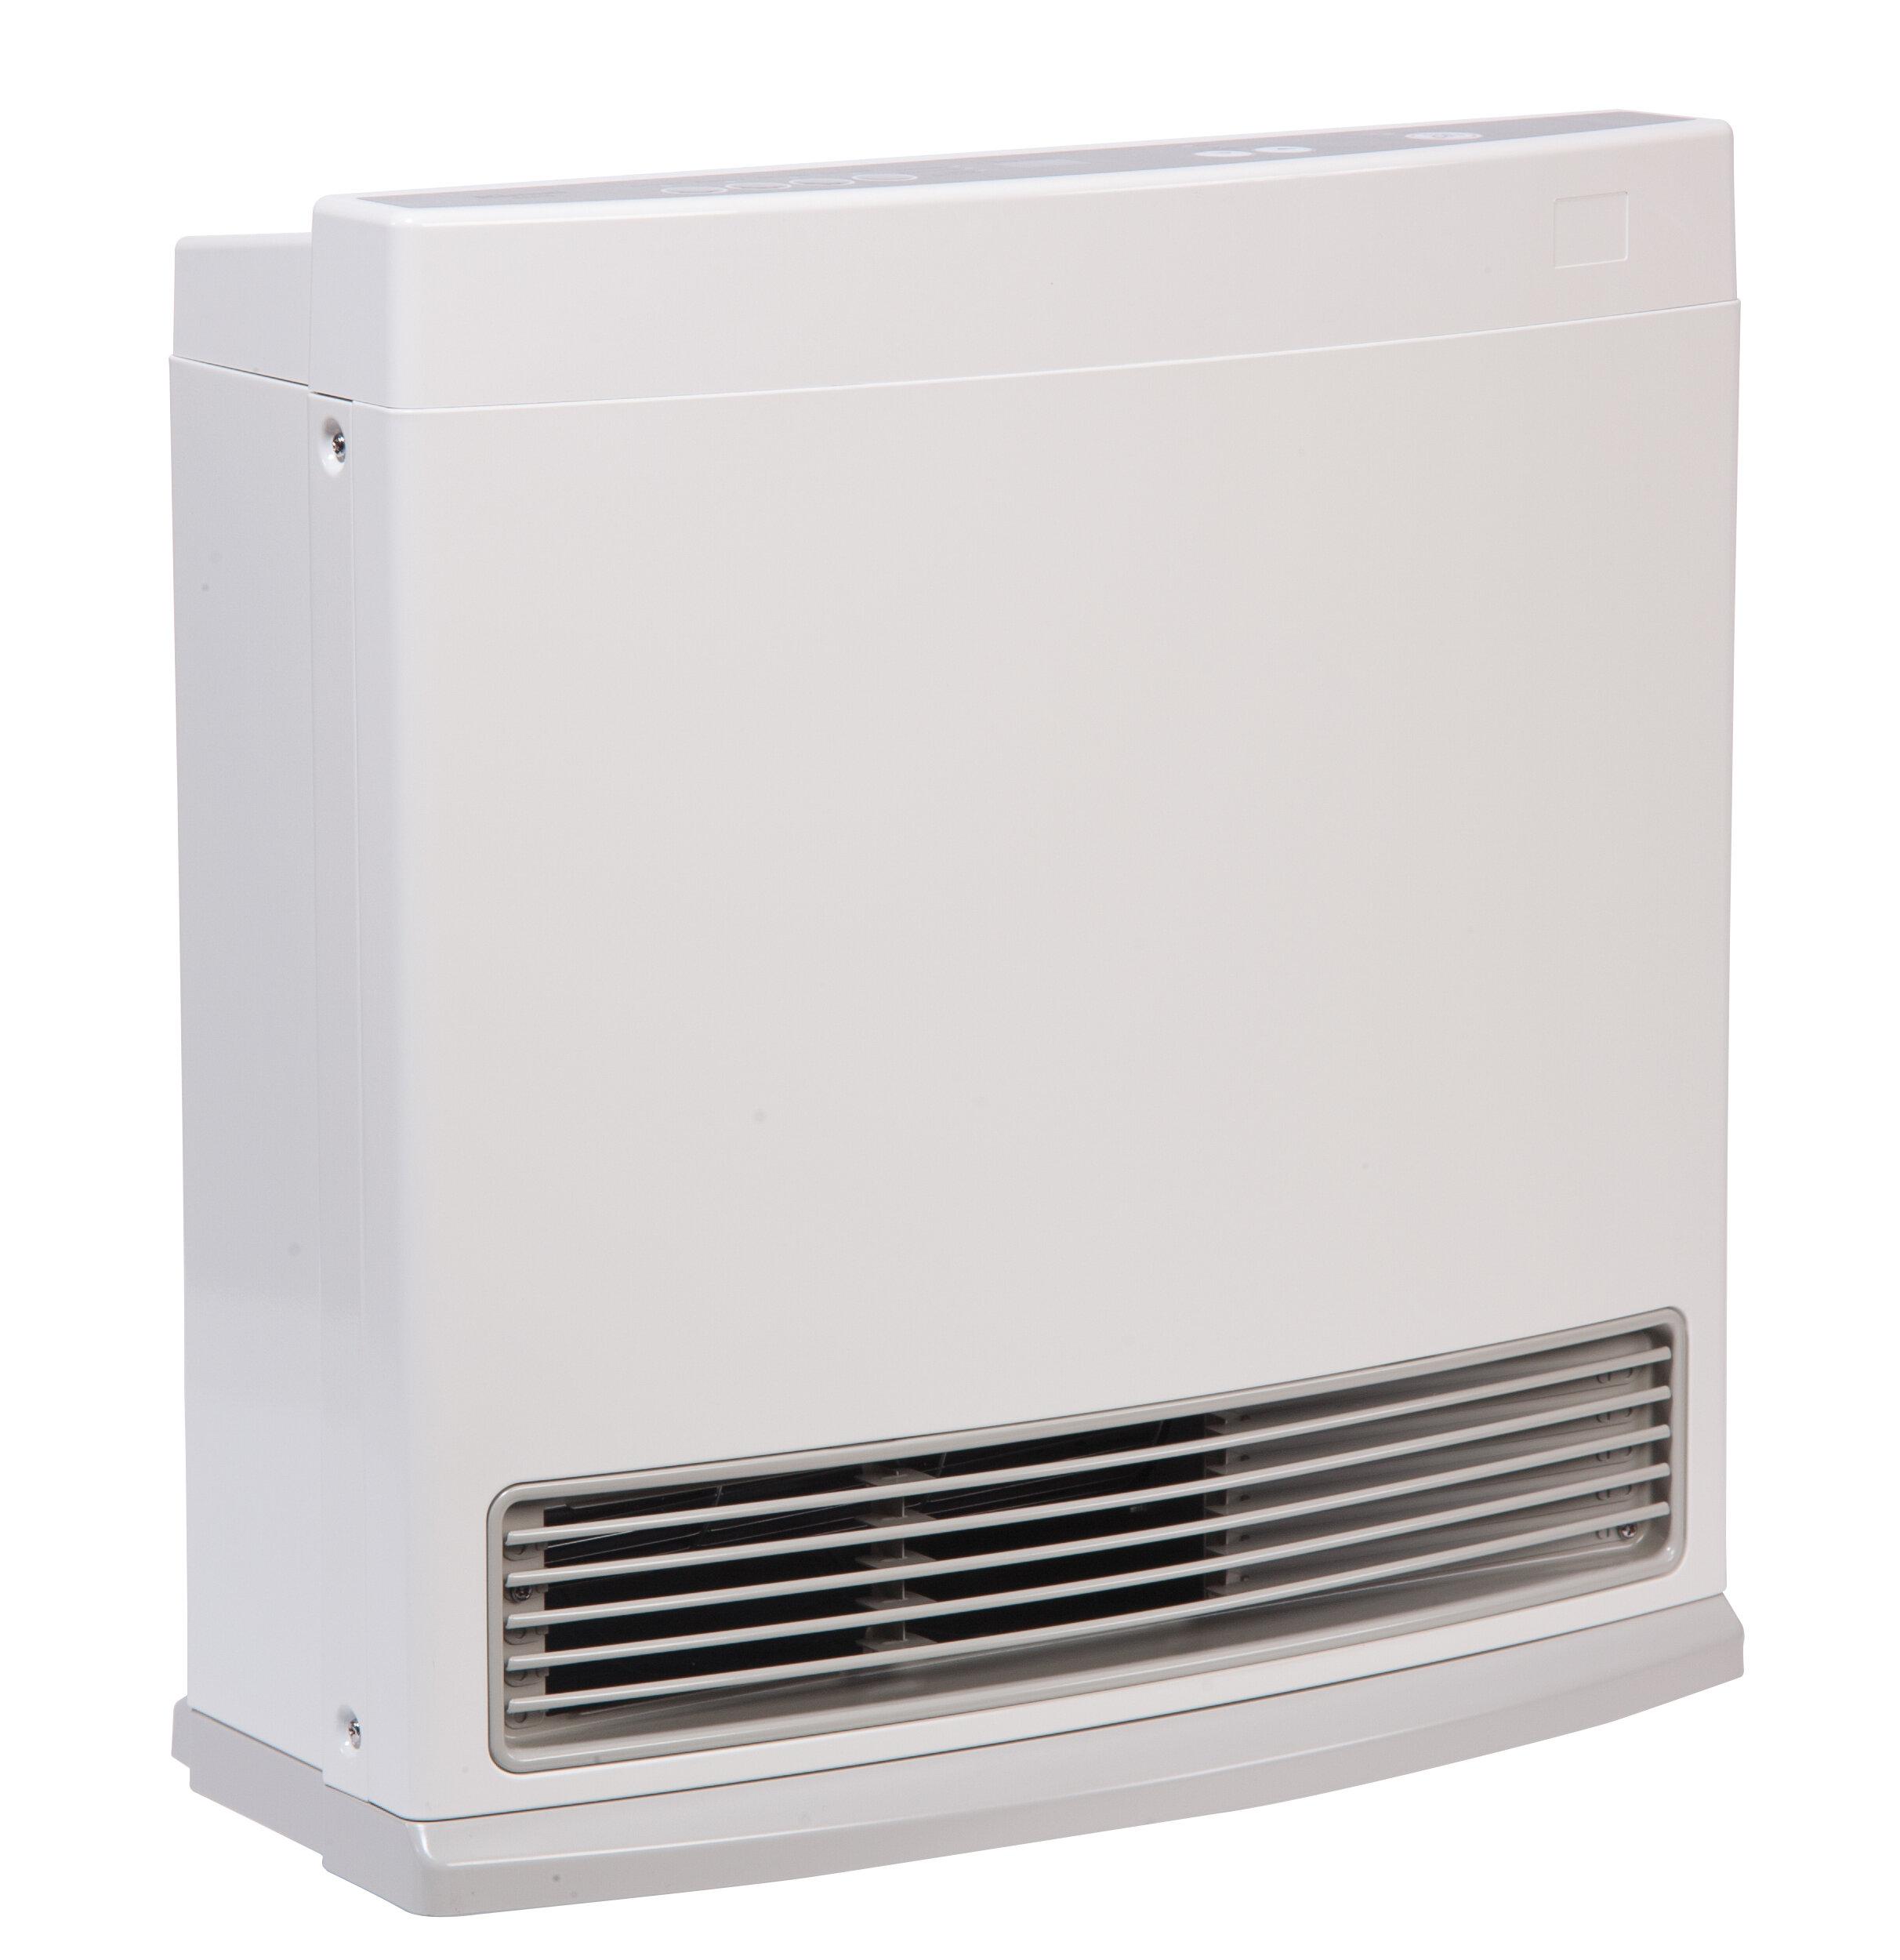 Rinnai R Series 10 000 Btu Electric